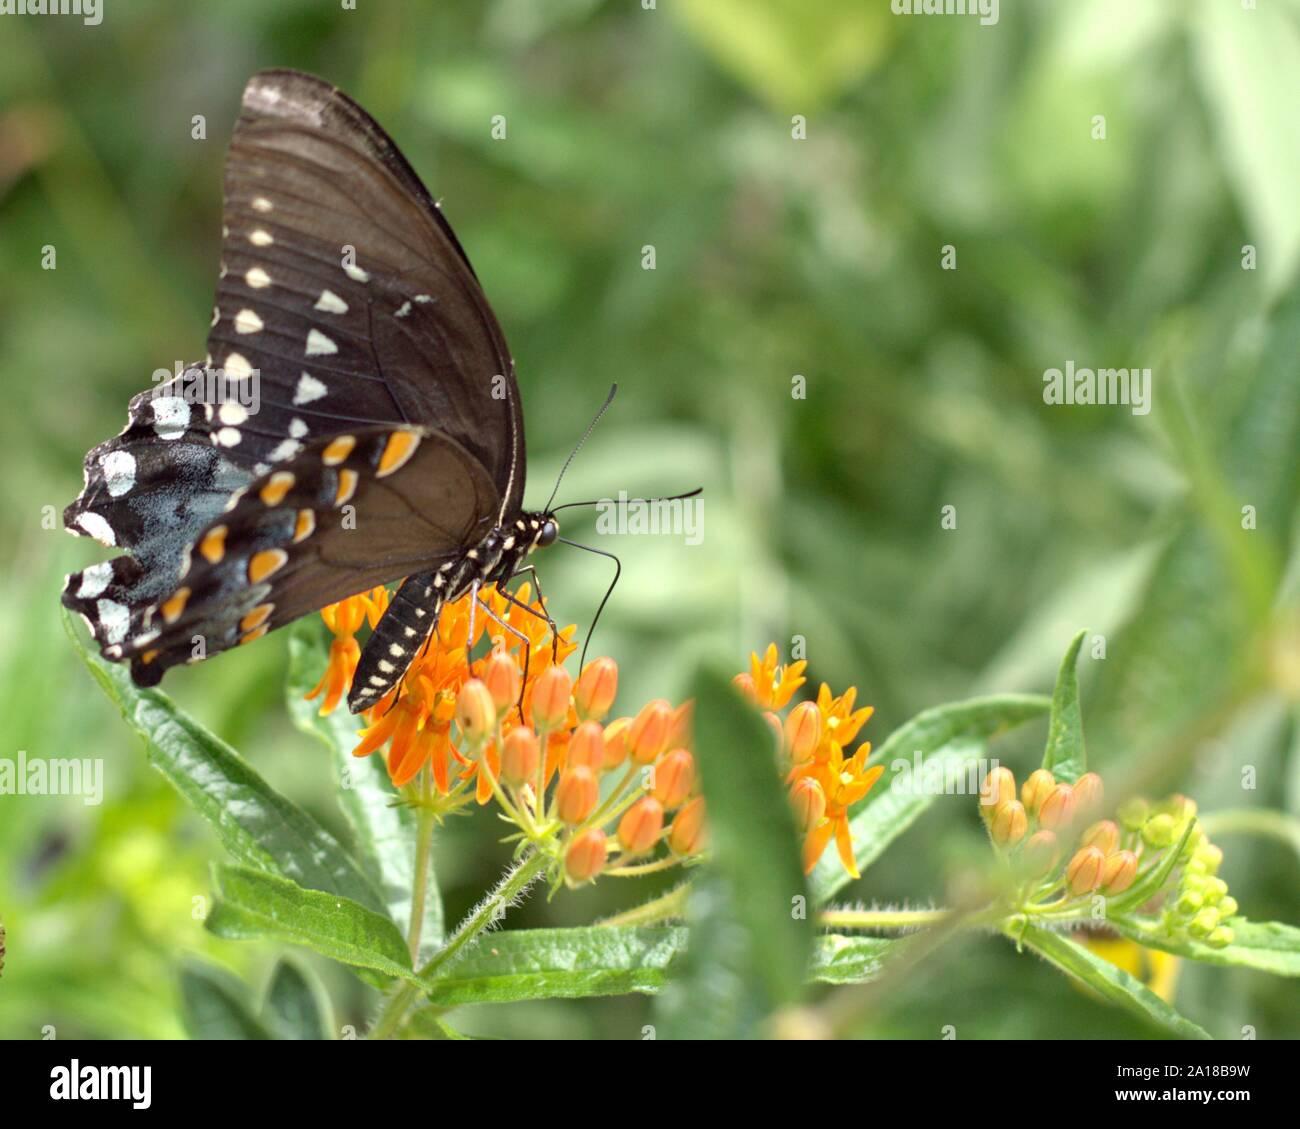 Spicebush especie sobre una flor en una parcela del jardín de mariposas. Foto de stock